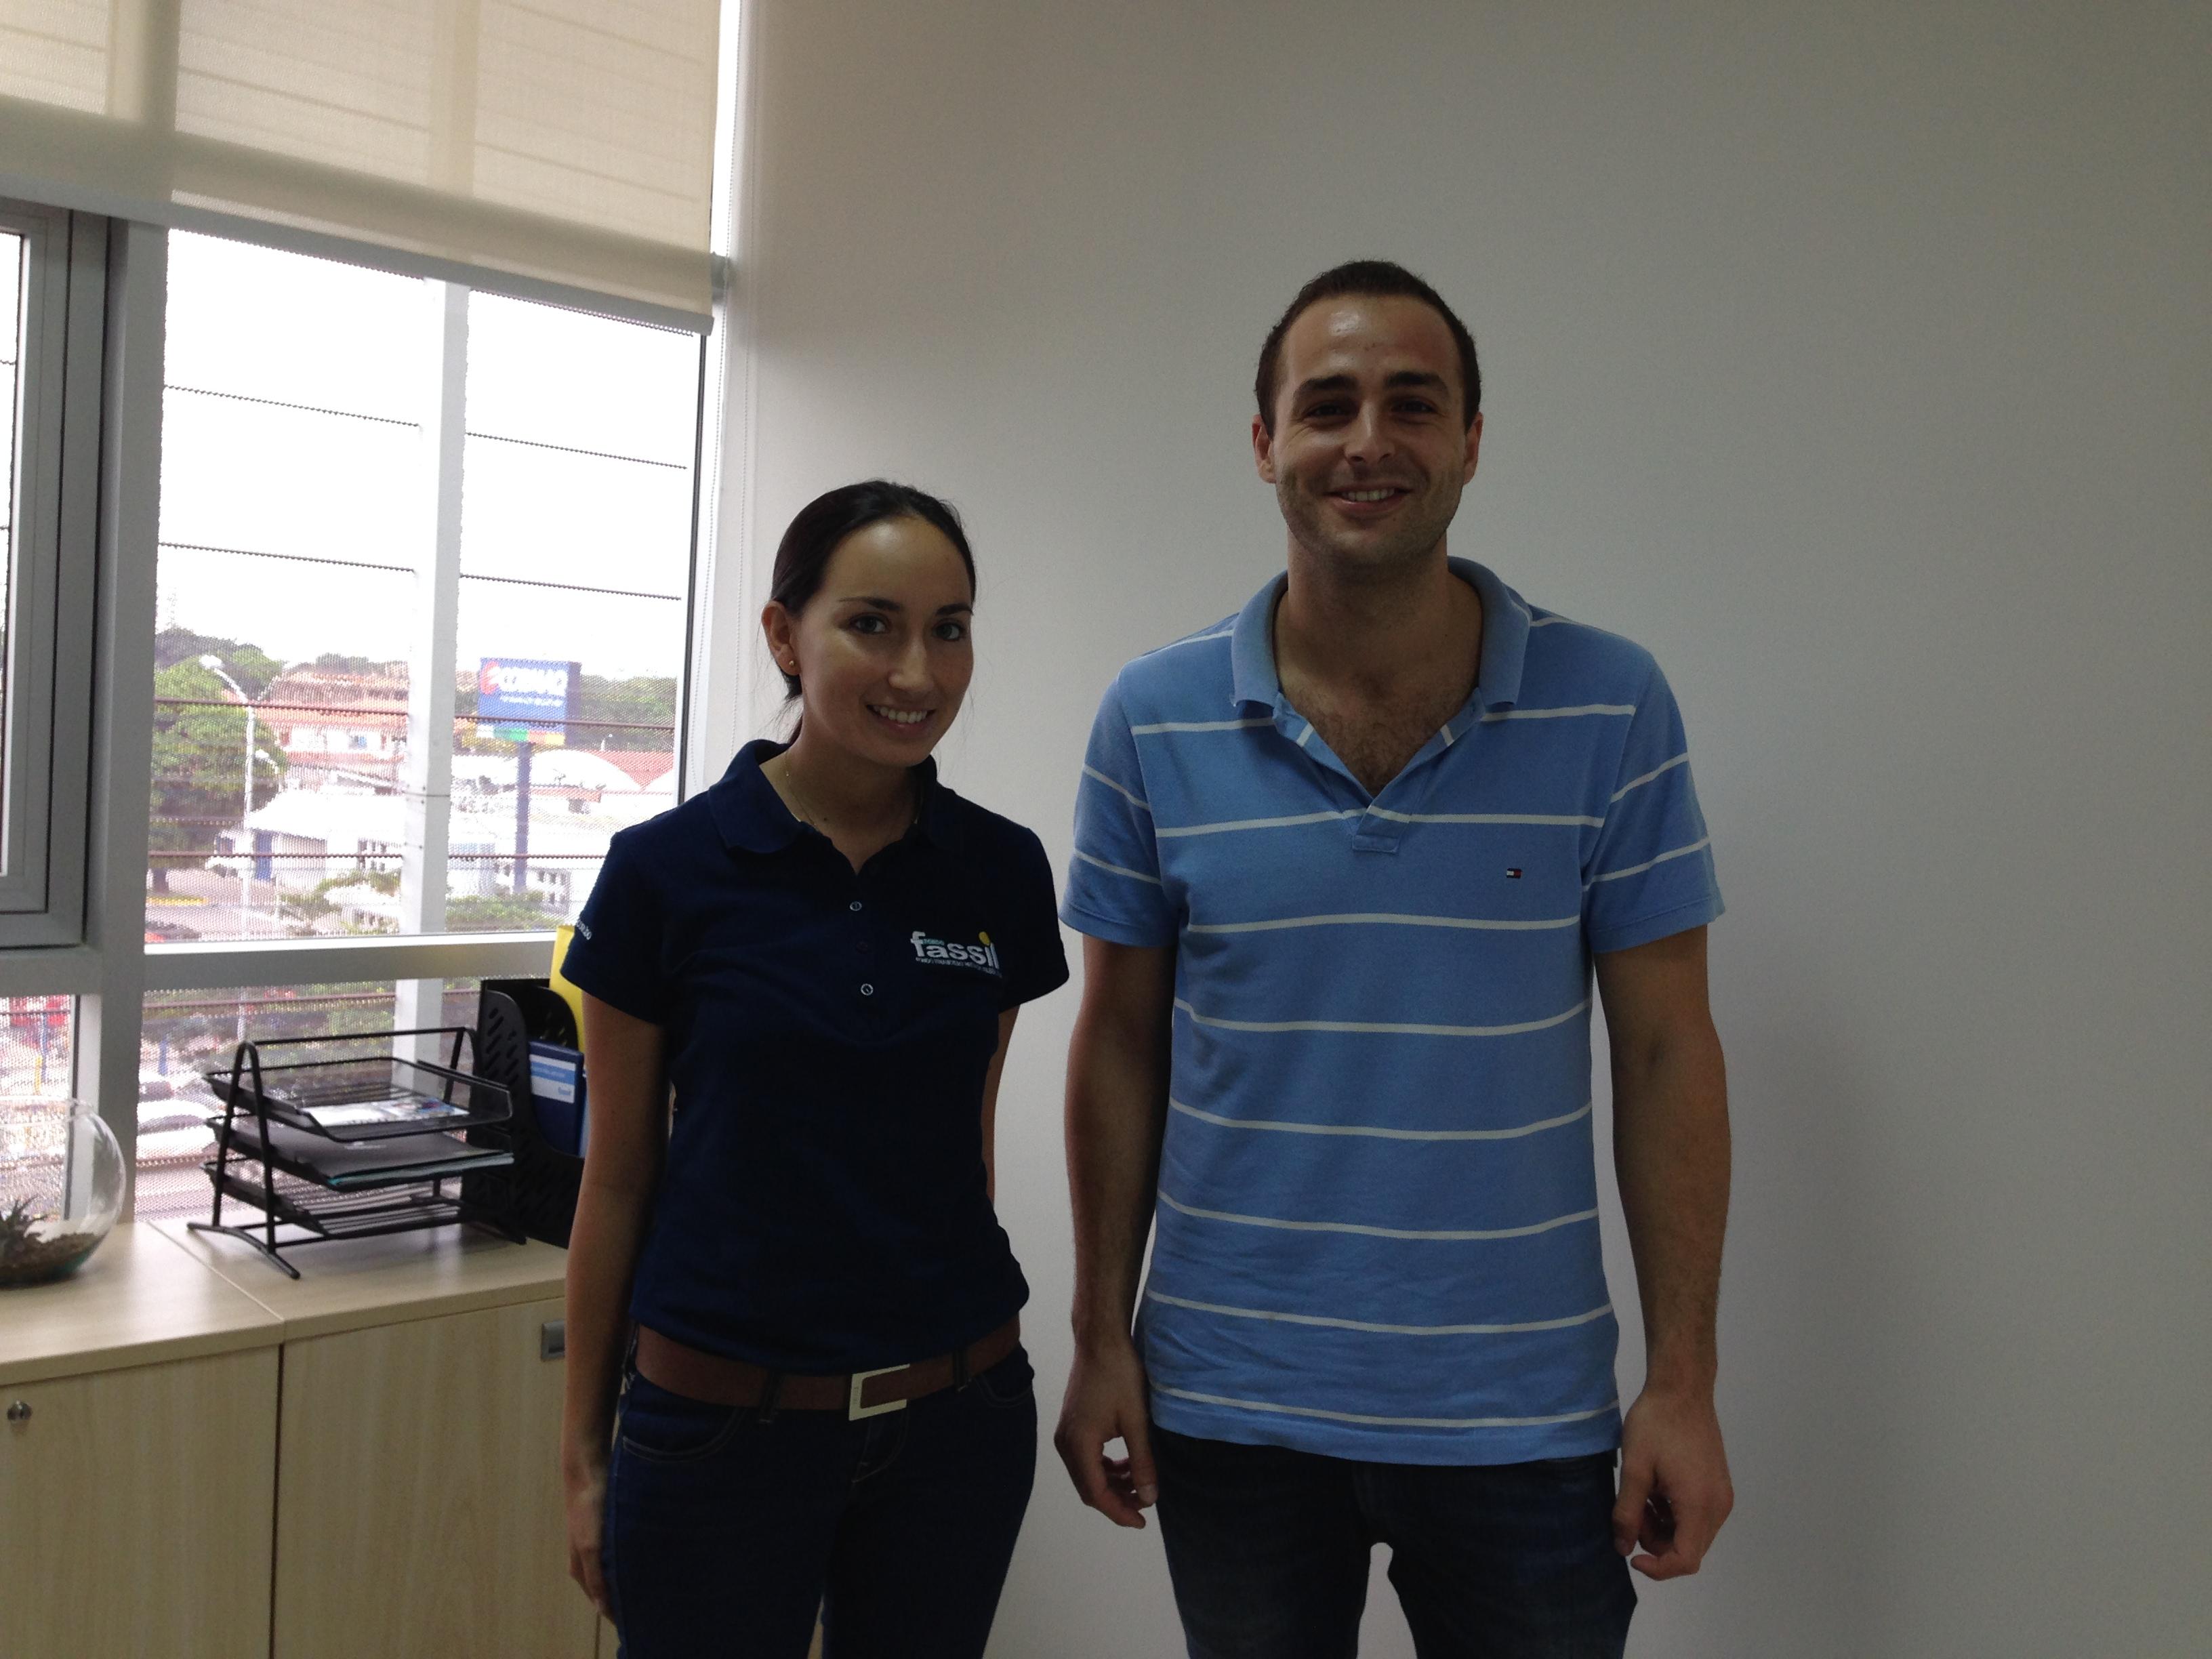 Con Fabiola Asbun (Jefe de Comunicación y Responsabilidad Social) del Fondo Financiero Privado Fassil